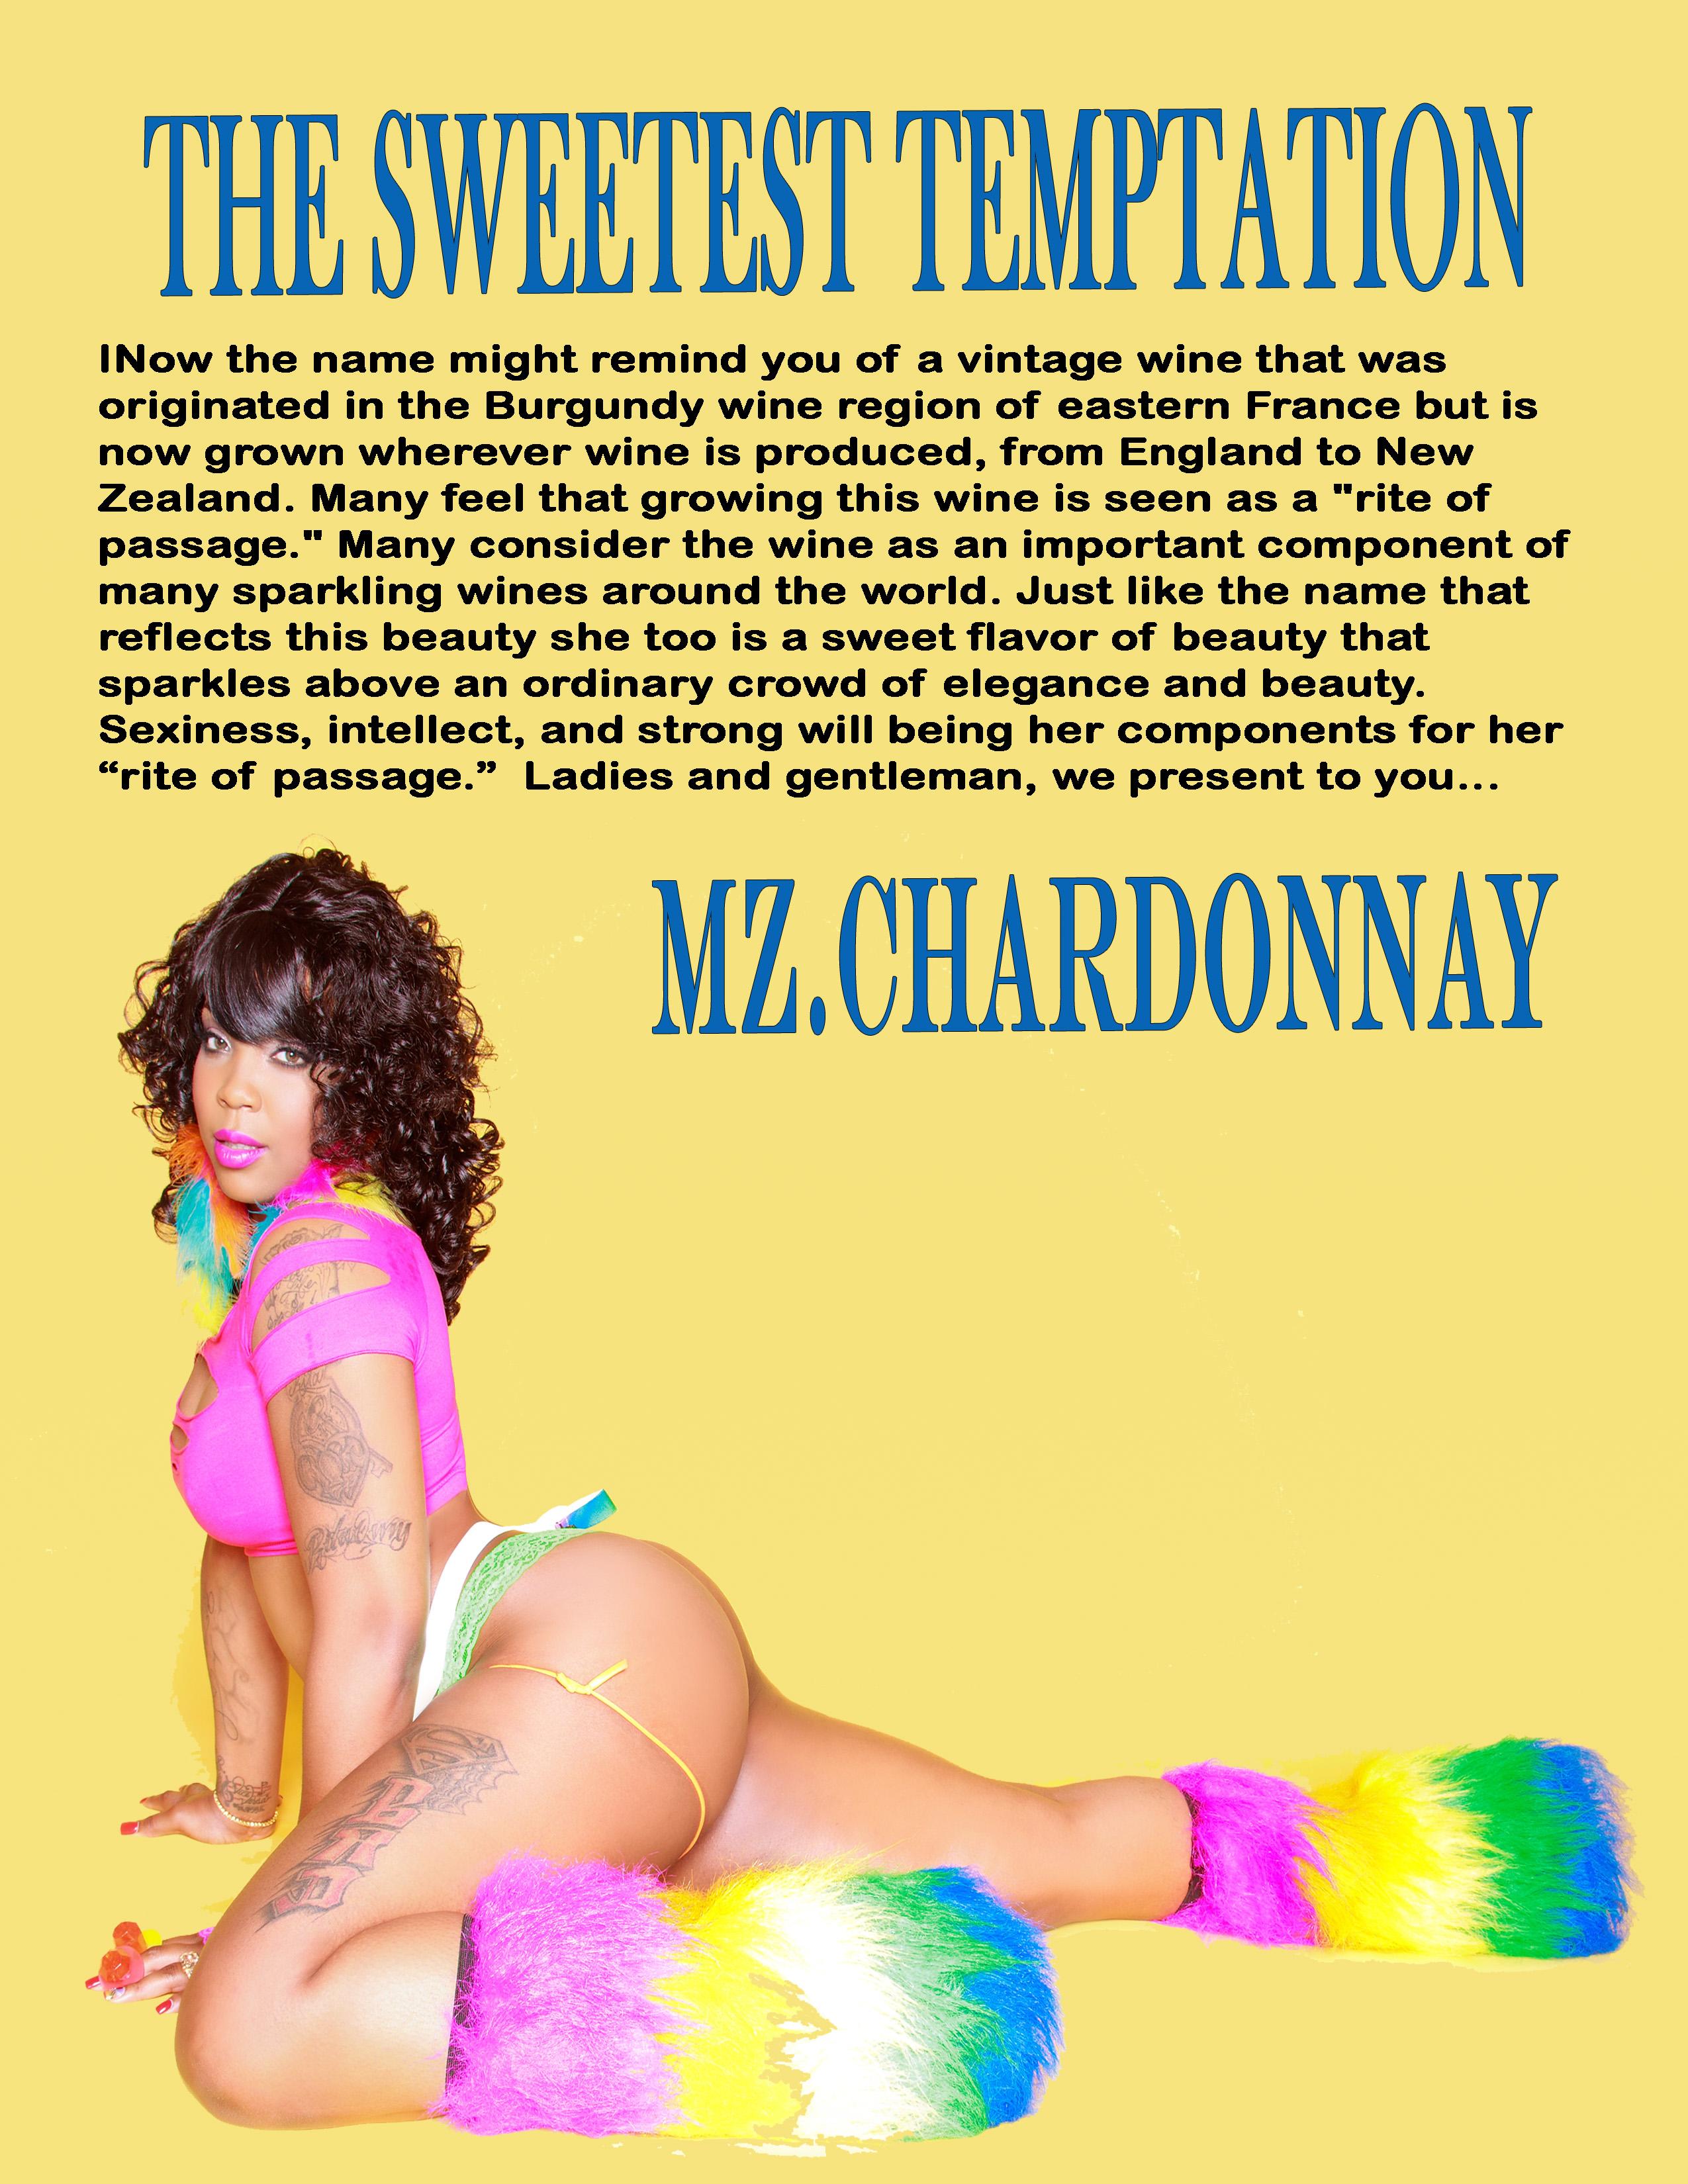 MZ. CHARDONNAY